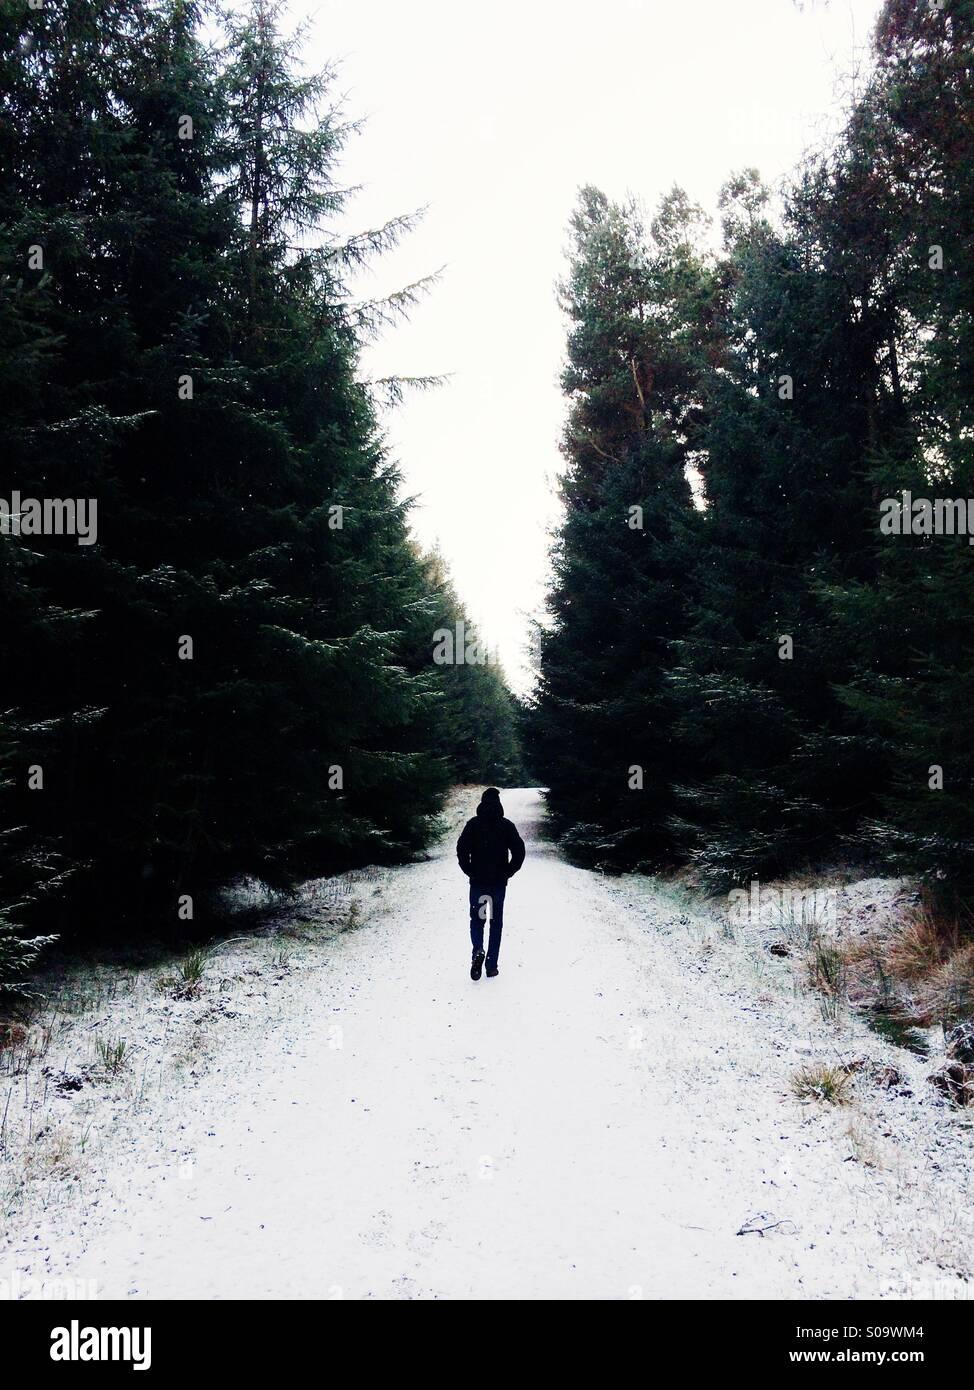 Ein Mann geht durch einen Wald auf einer einsamen Wanderung mit Schnee auf dem Boden im Winter. Stockbild